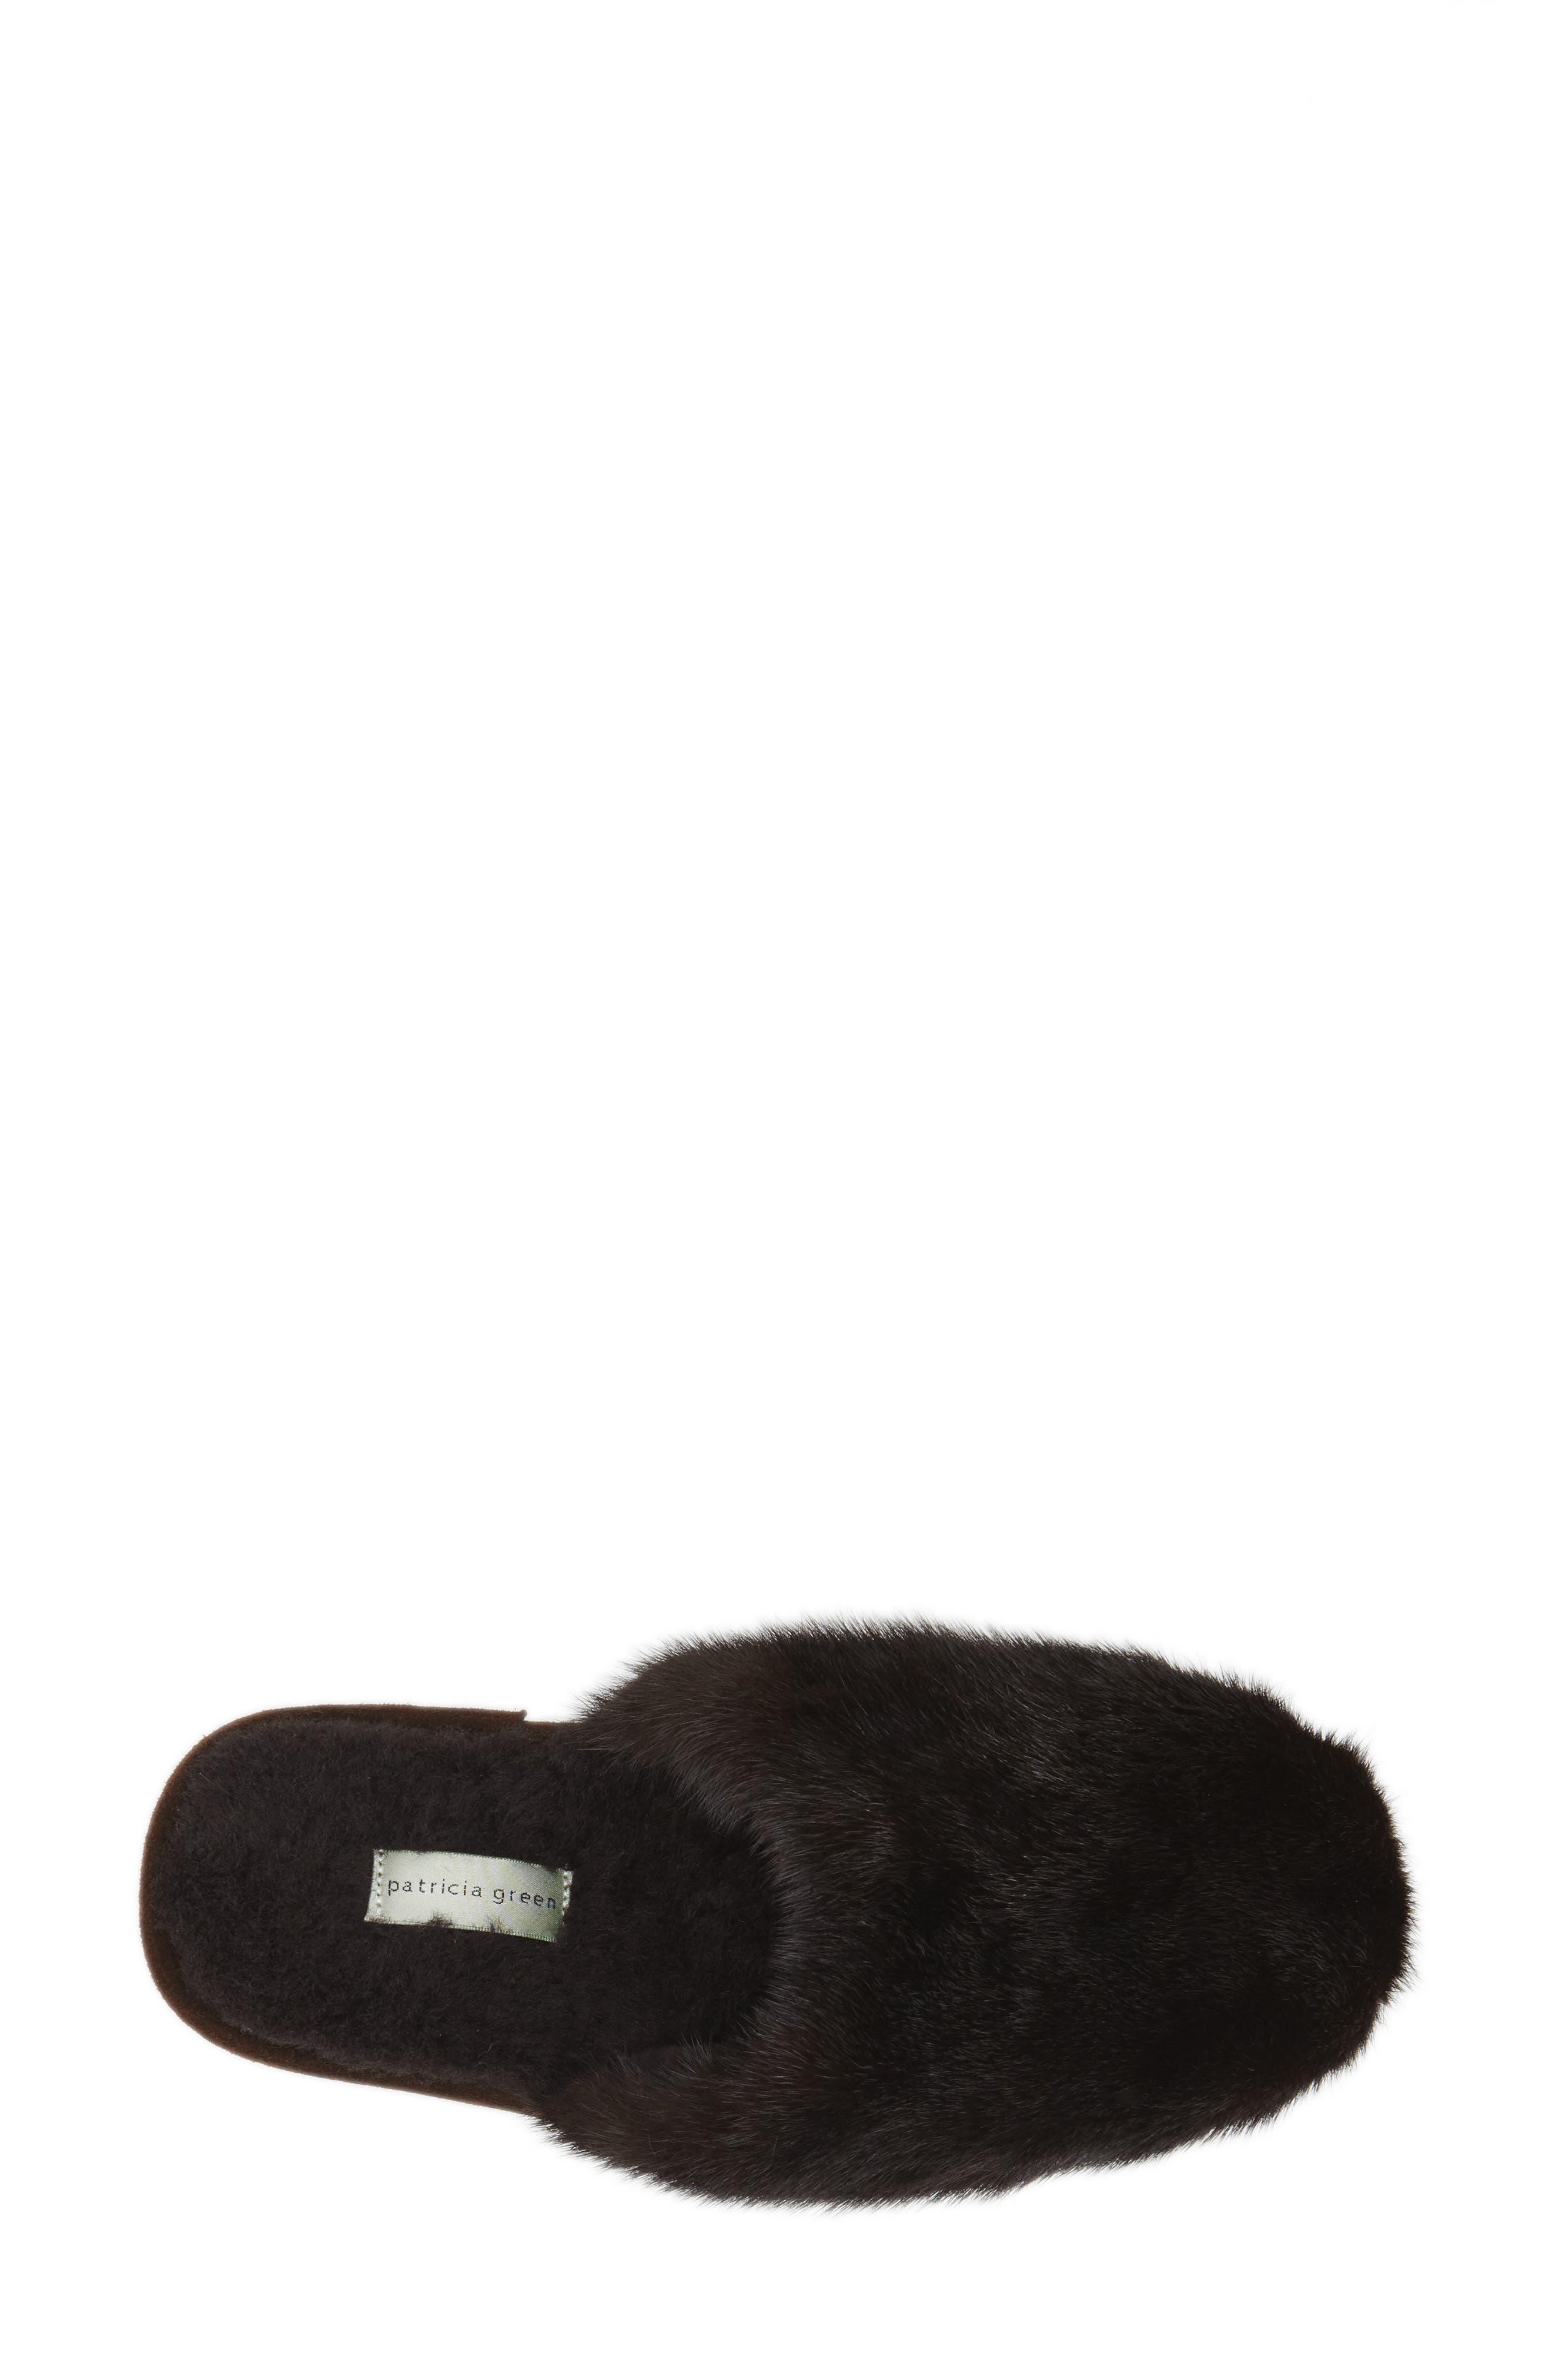 'Whistler' Genuine Mink Fur Slipper,                             Alternate thumbnail 6, color,                             215